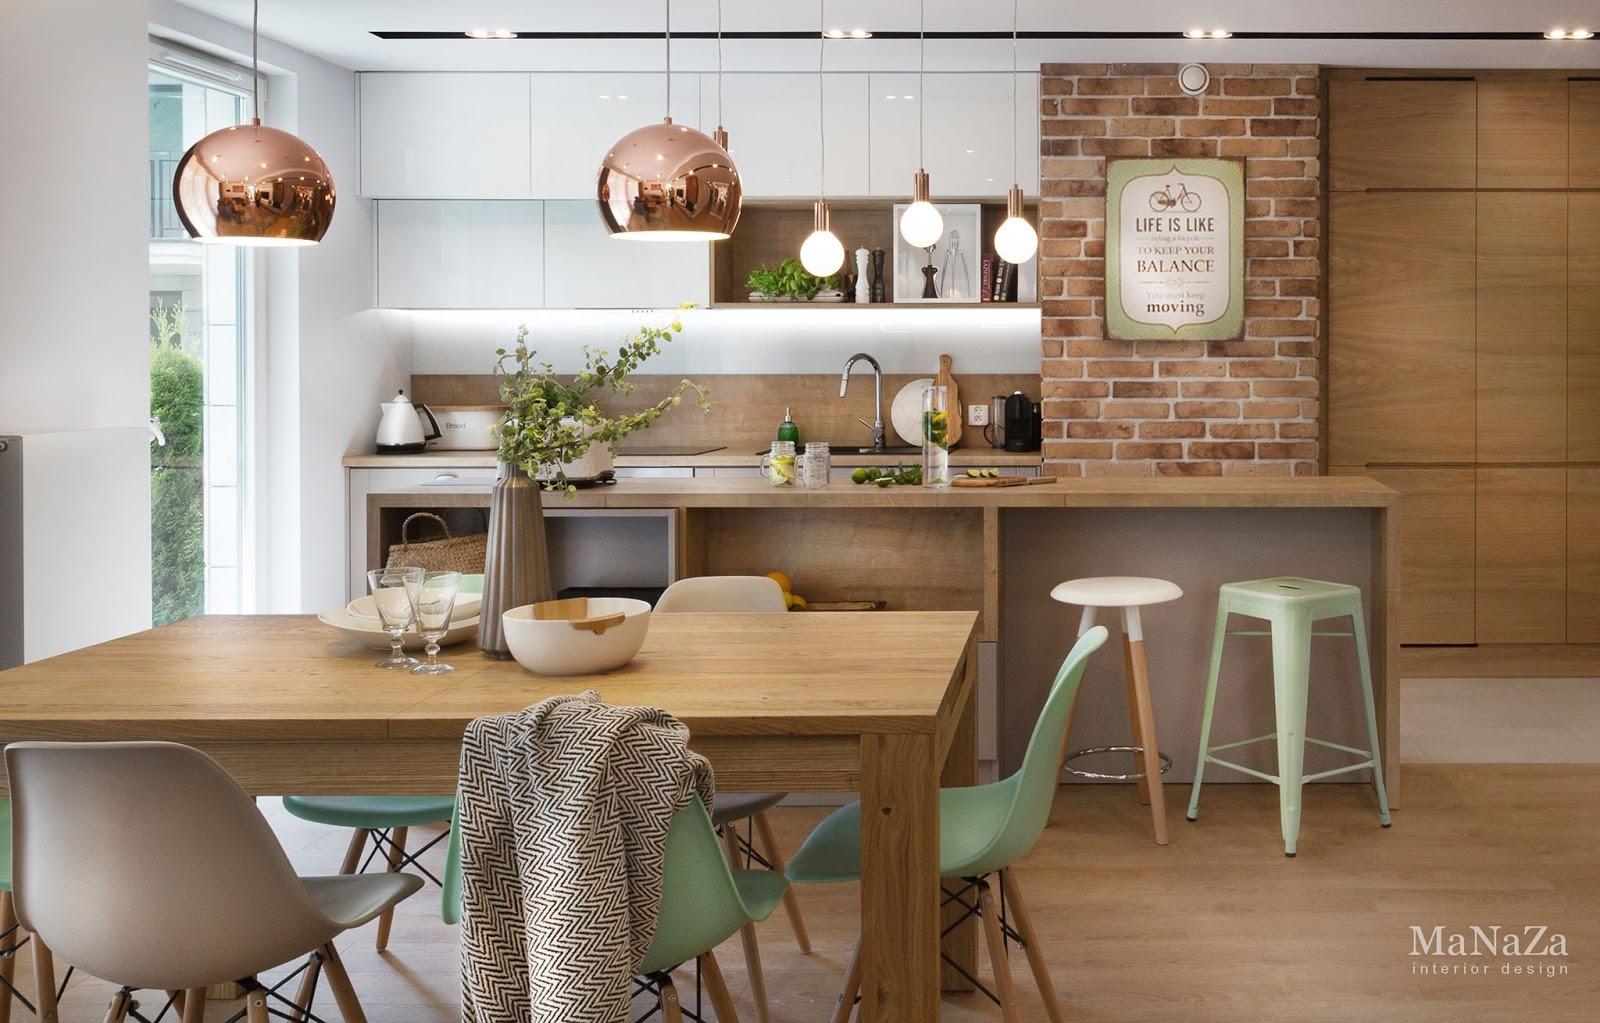 du bois du cuivre et du vert menthe dans un int rieur. Black Bedroom Furniture Sets. Home Design Ideas